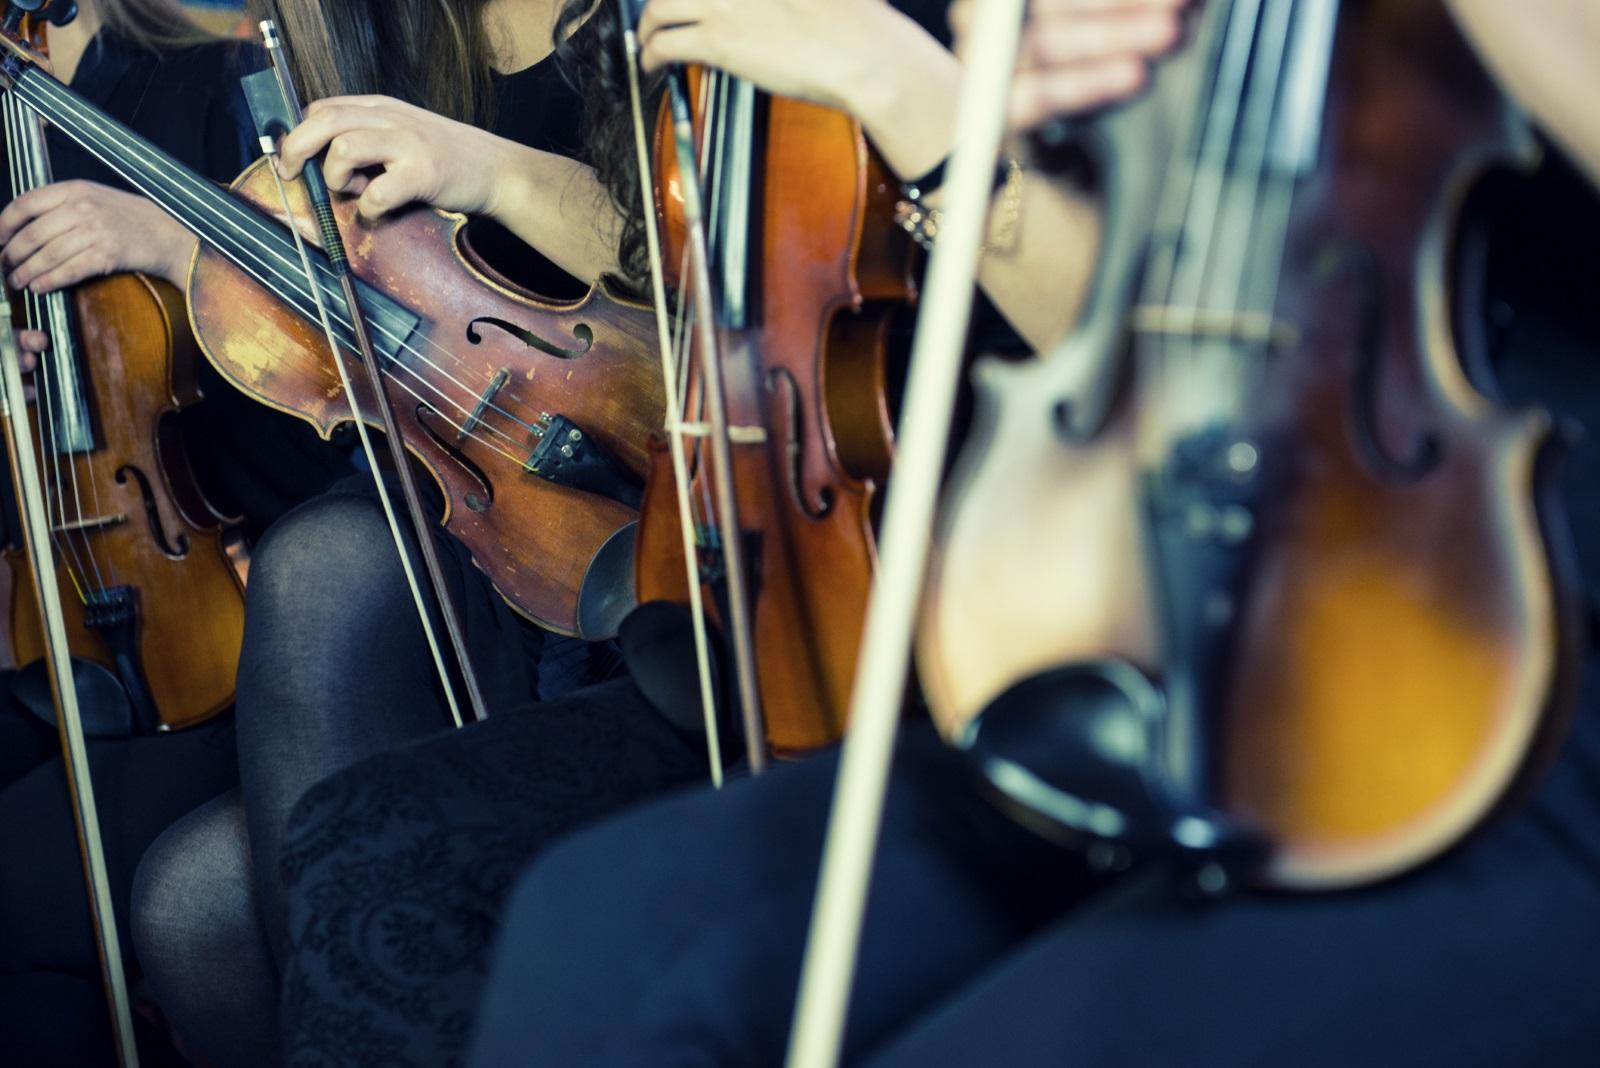 Музиката ще ви отведе в друго измерение и ще допринесе за менталното преживяване между вас.